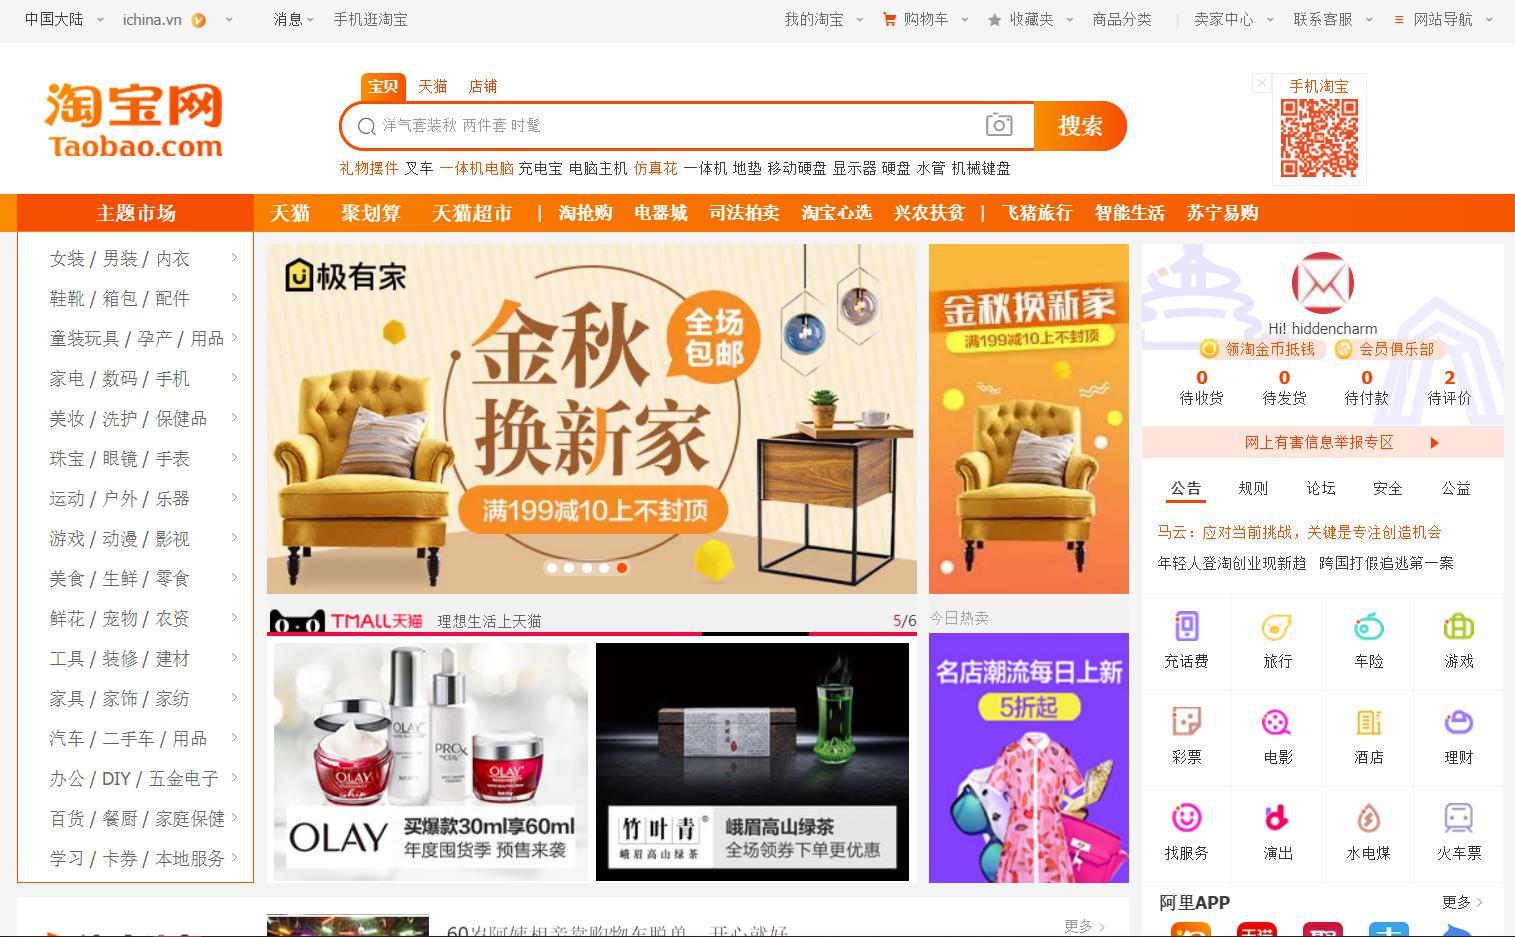 giao diện website taobao.com năm 2018